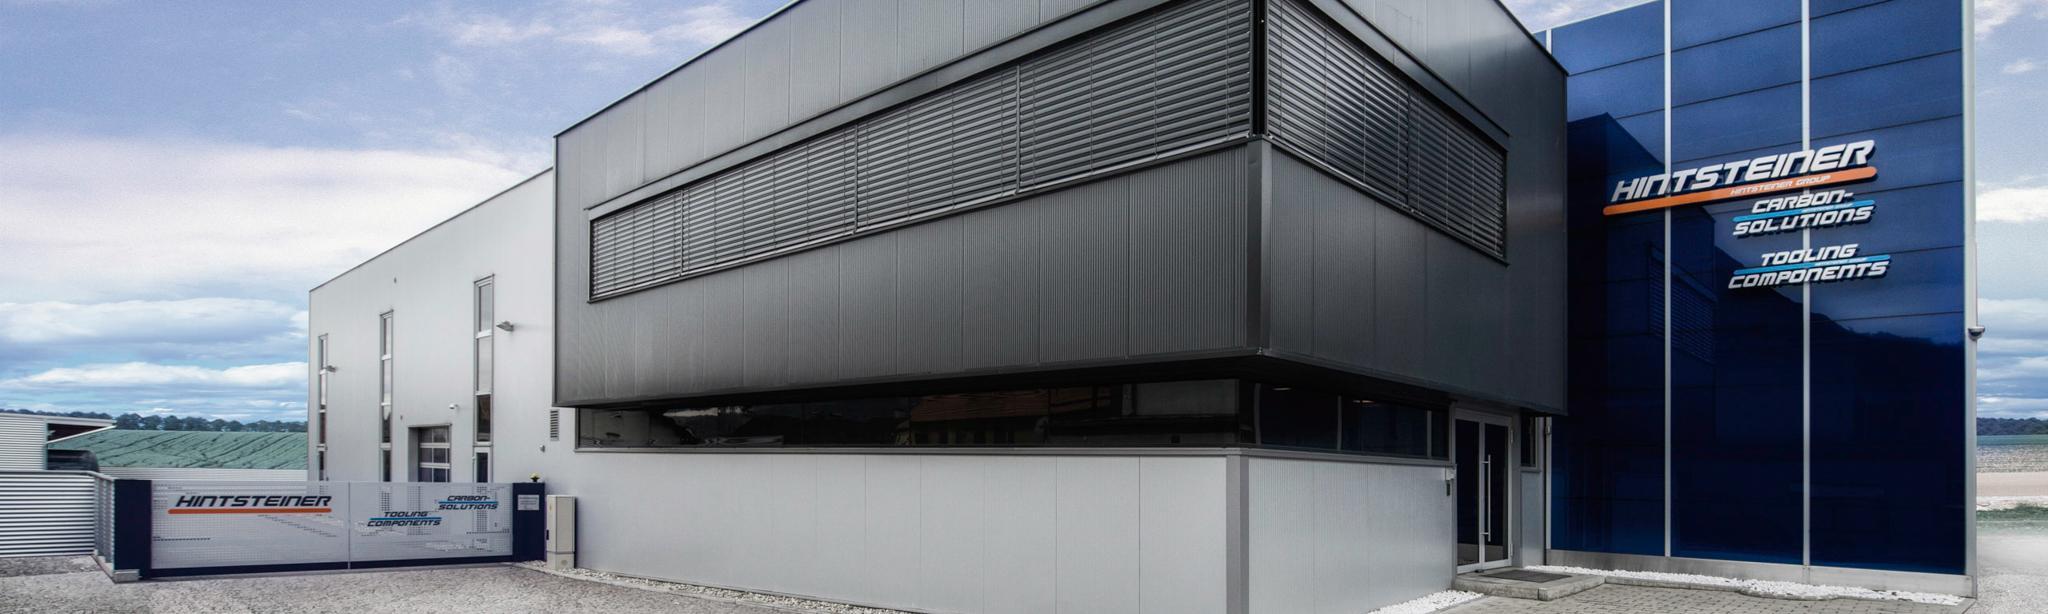 Hintsteiner Group GmbH.jpg